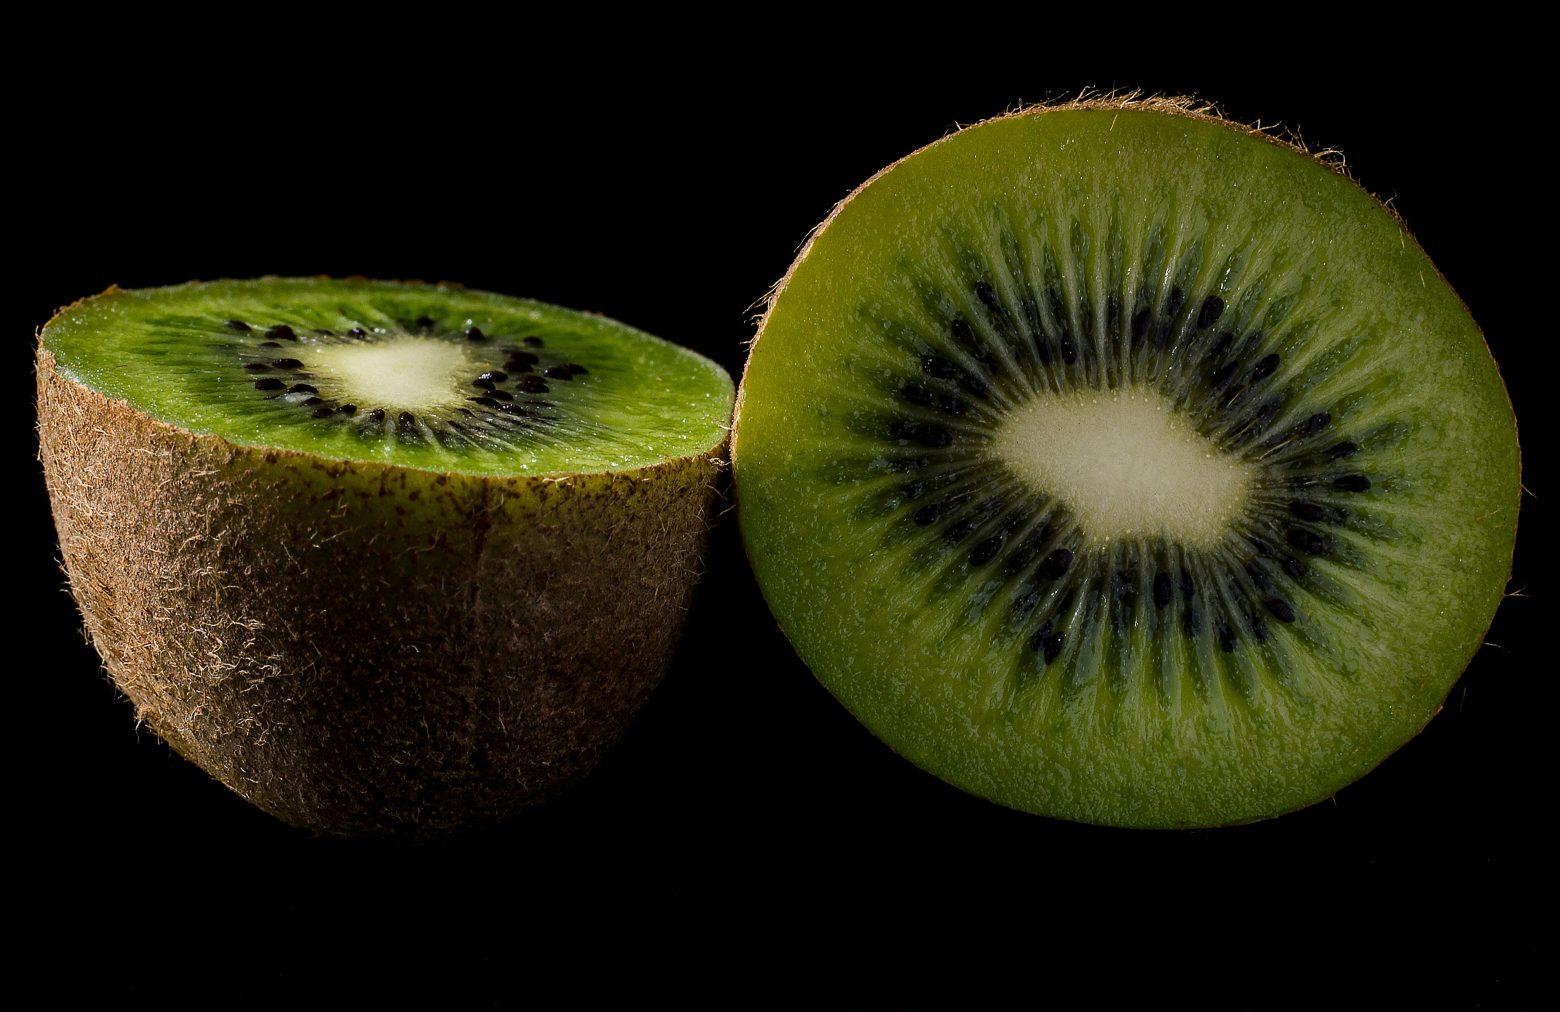 kiwi-1432088